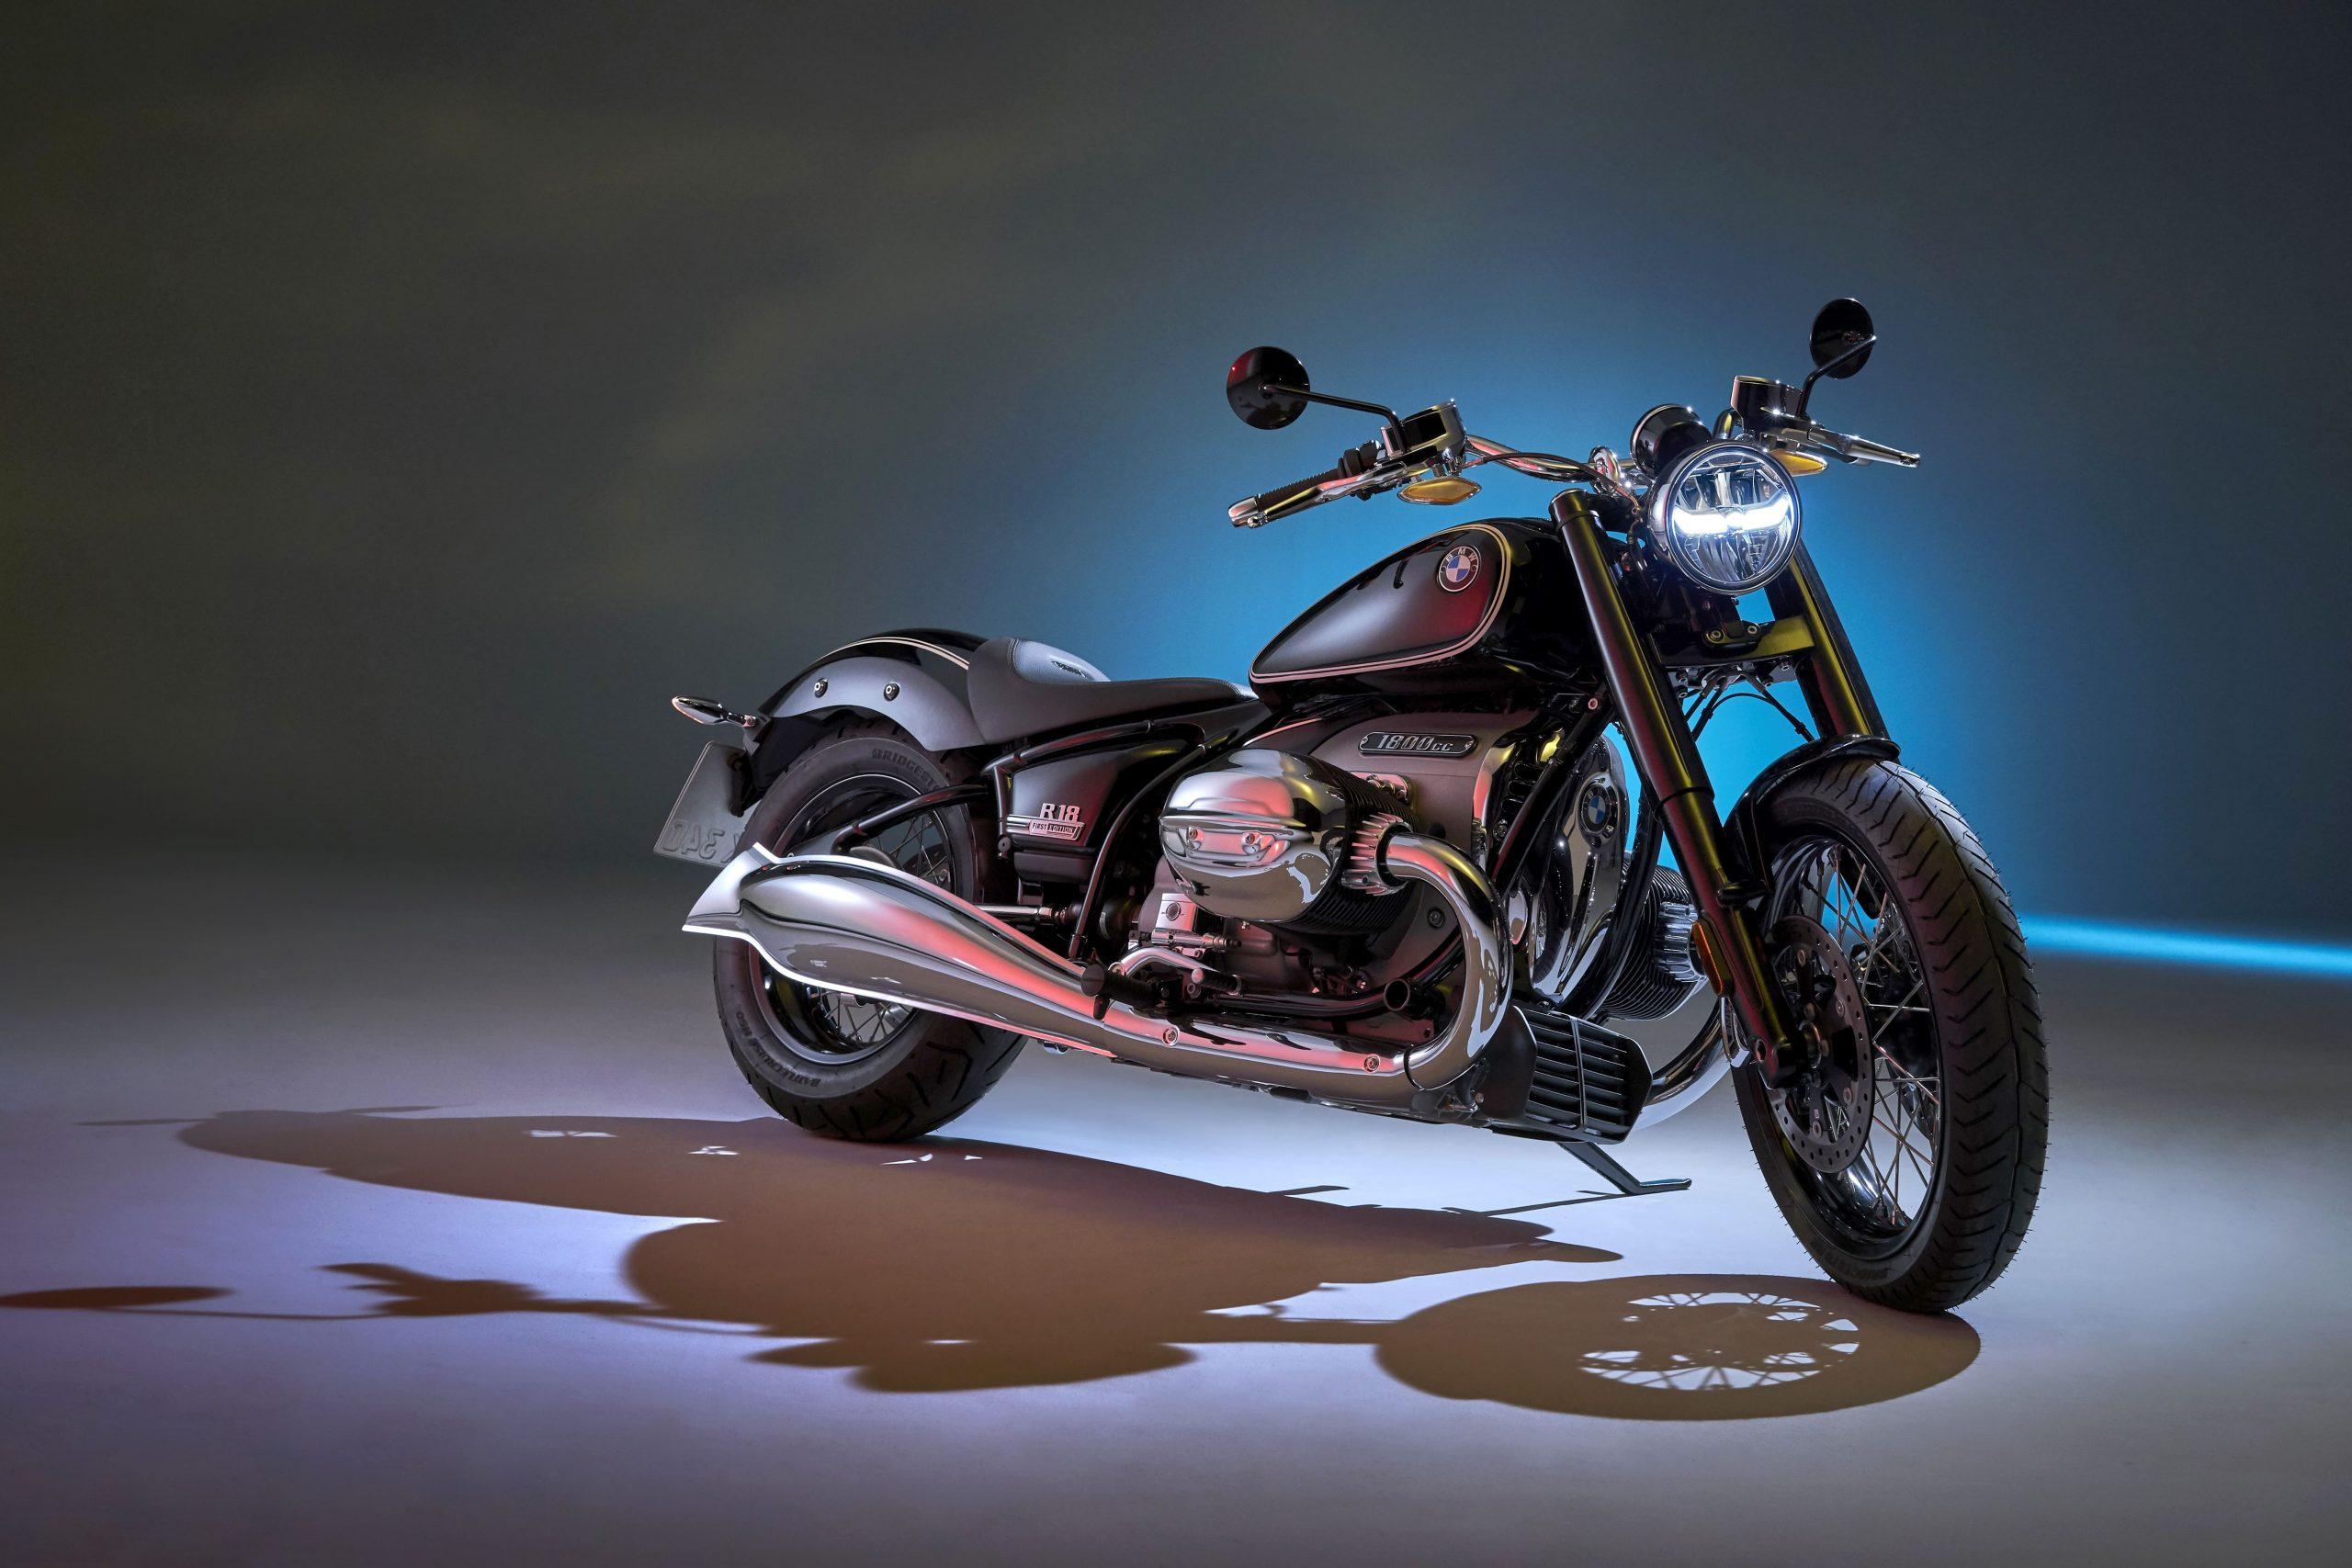 Nueva BMW R18: El motor bóxer BMW más potente de todos los tiempos